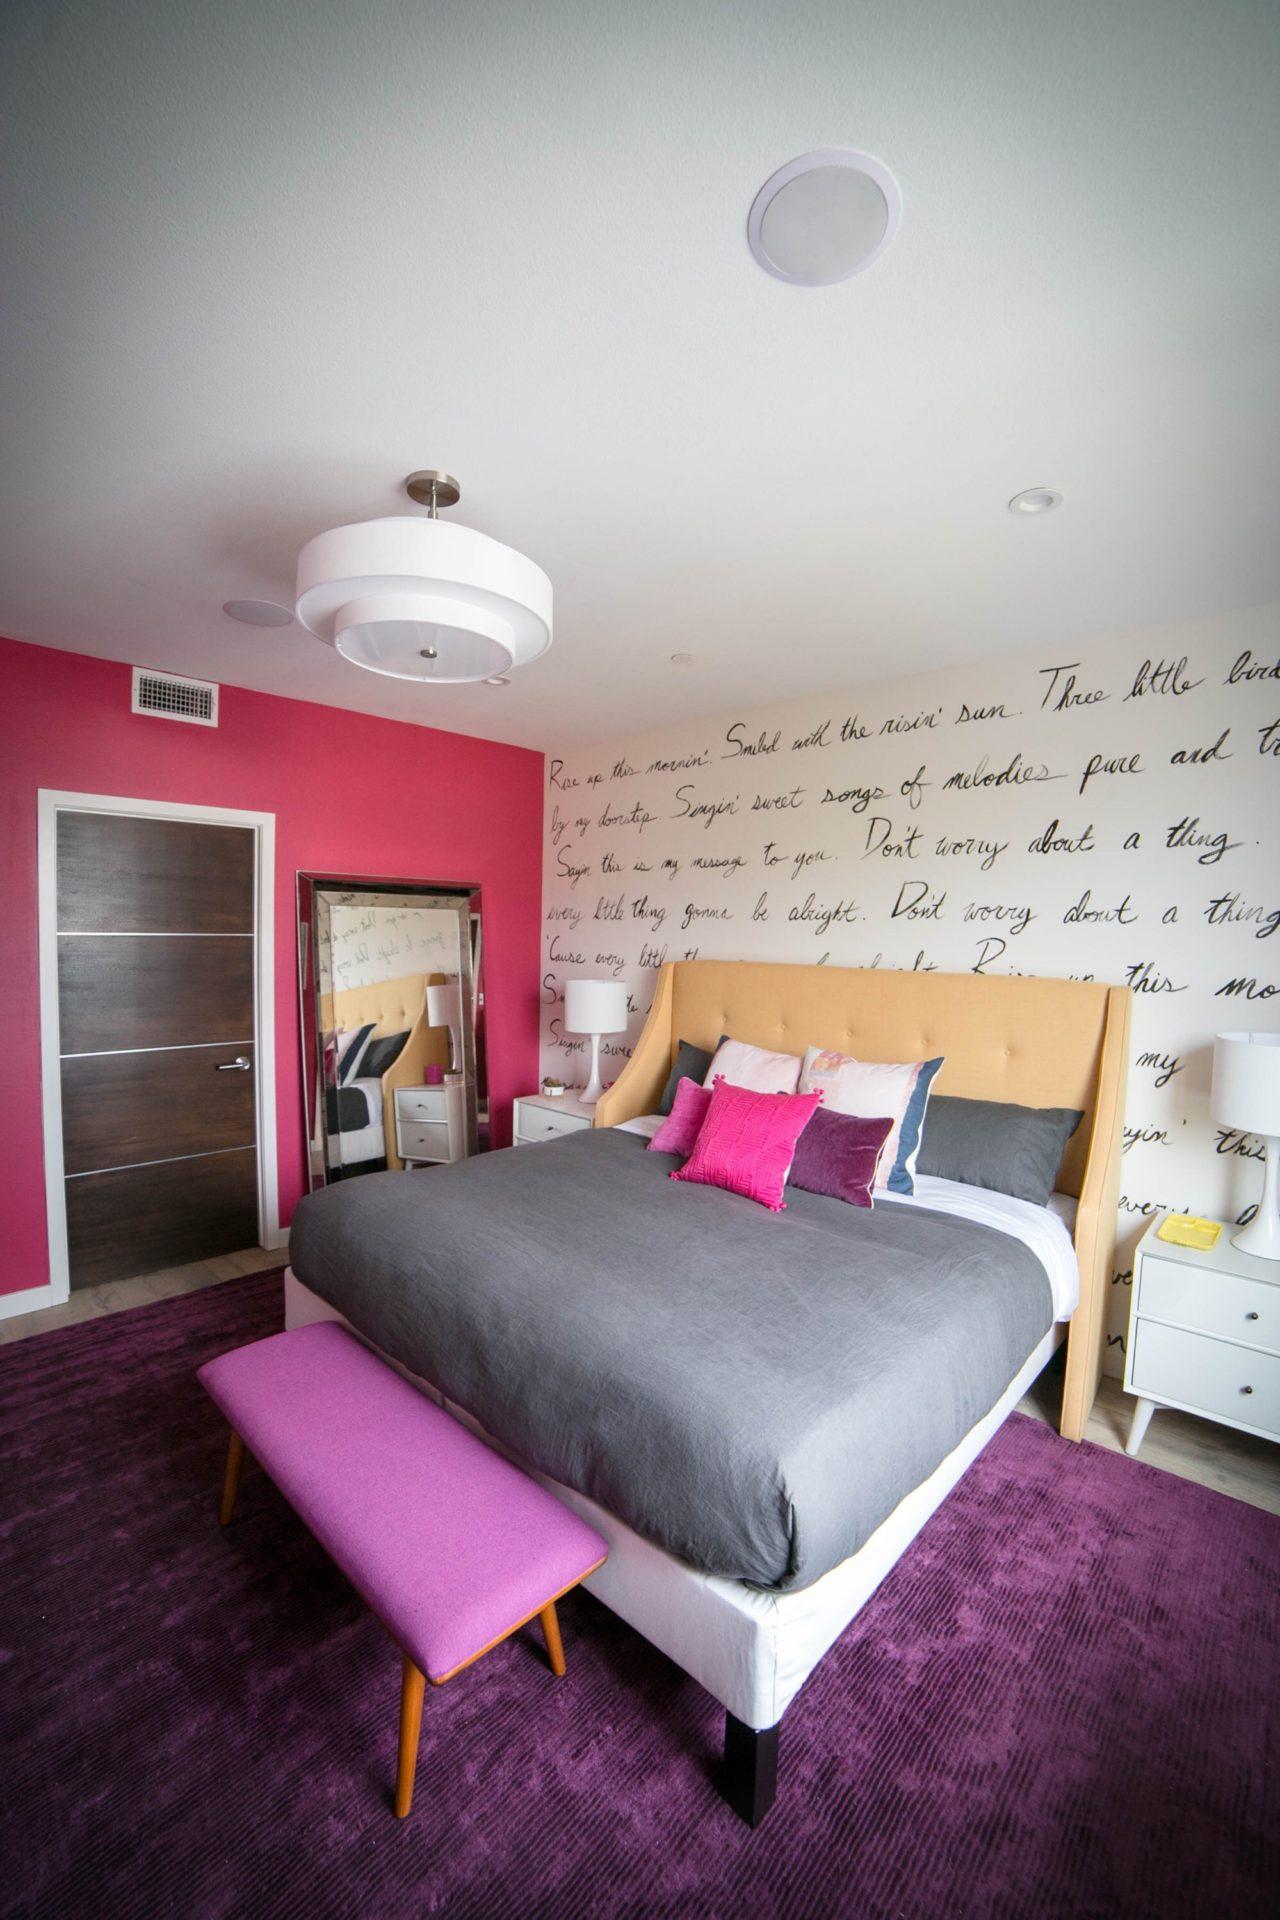 Iisuperwomanii New Room